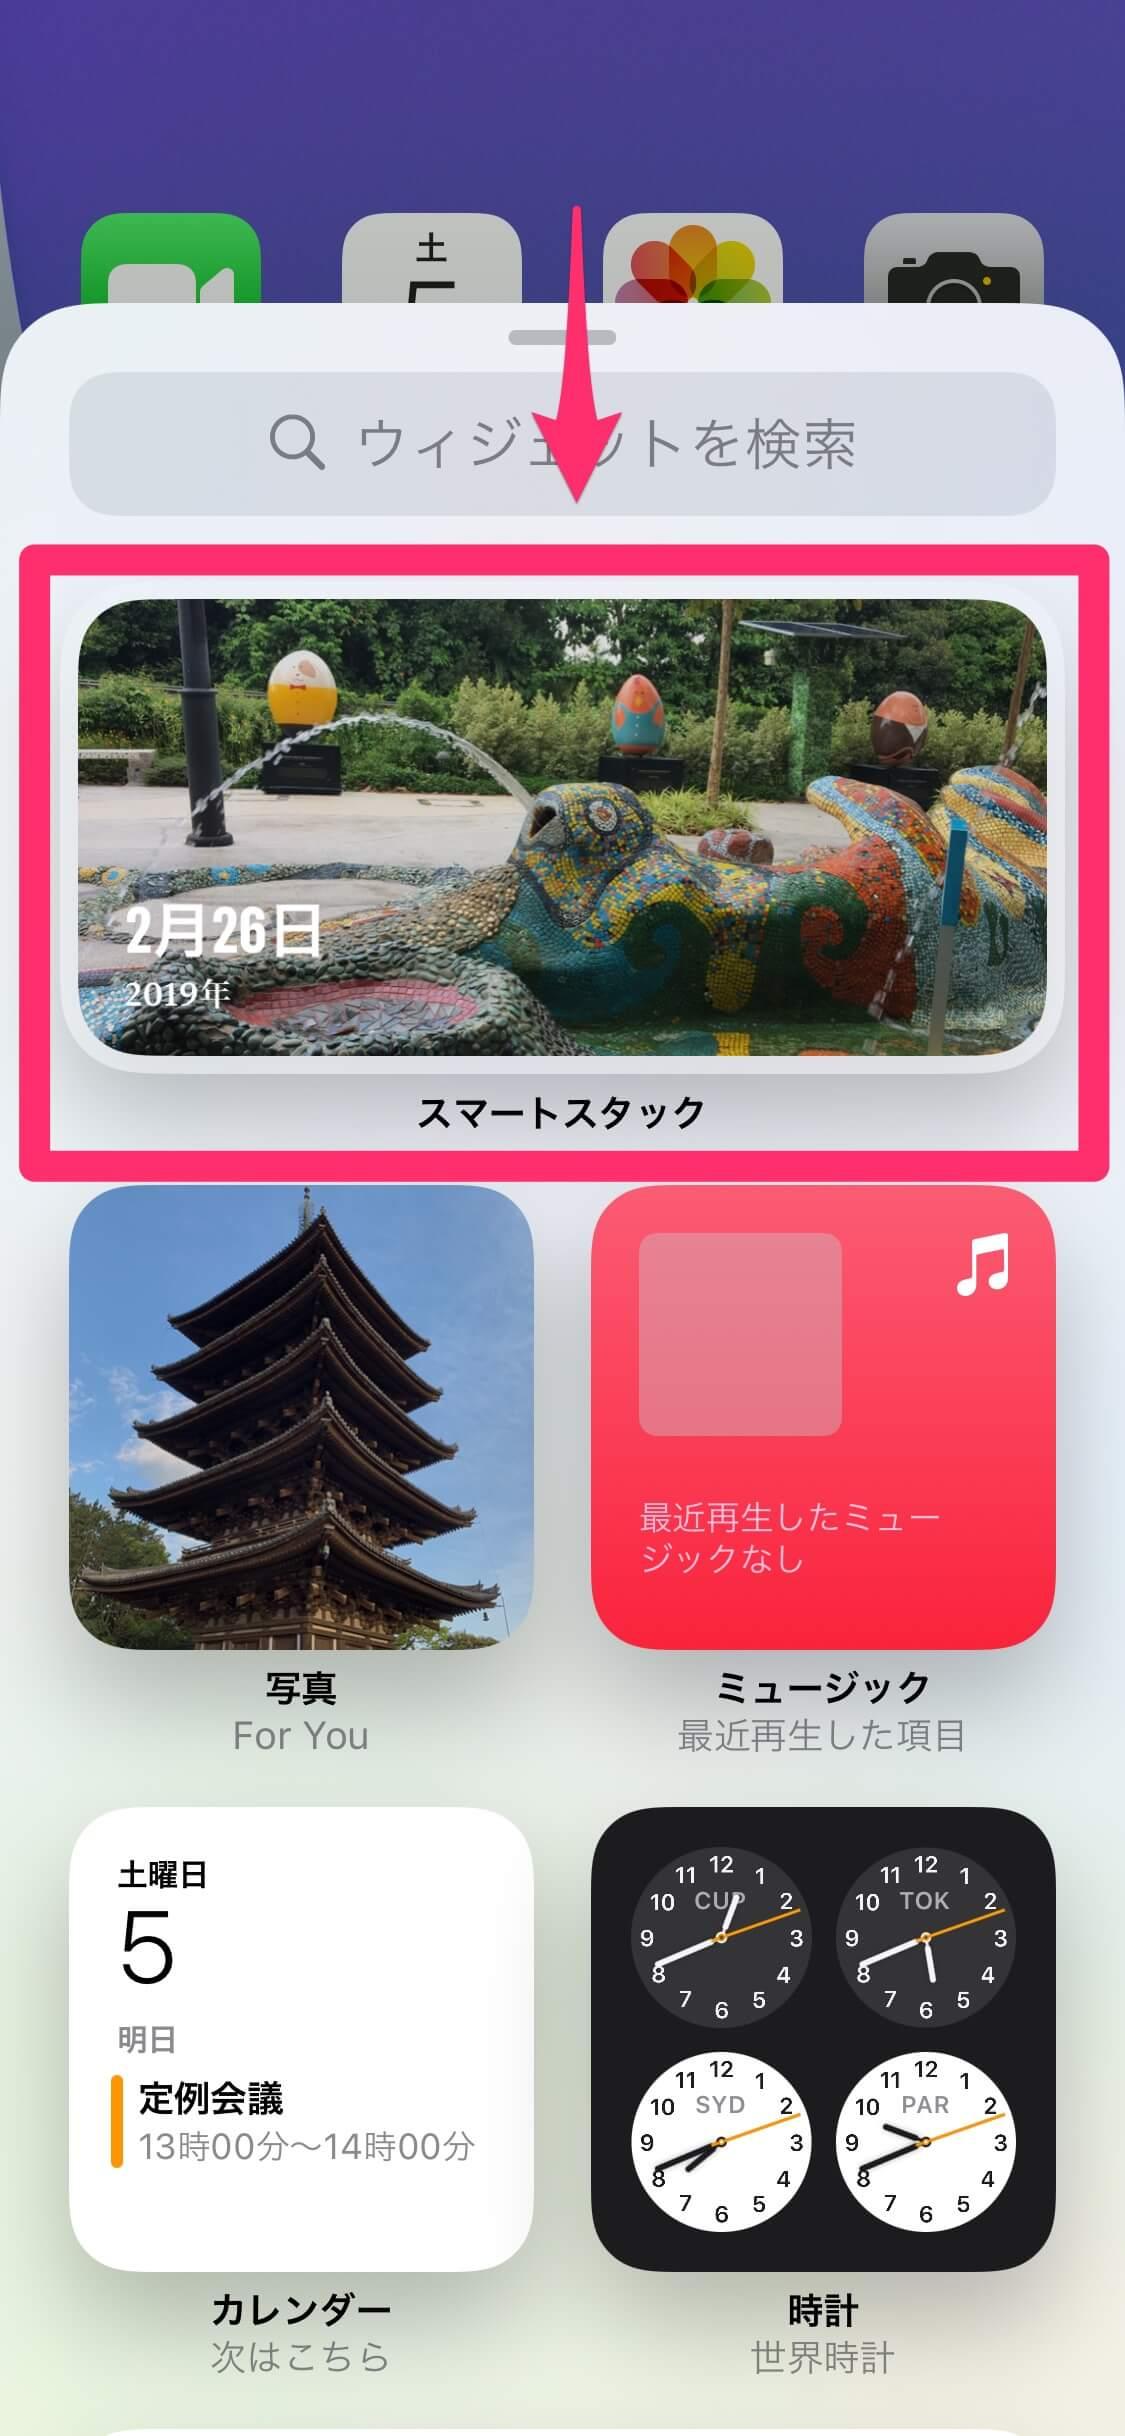 iPhoneのスマートスタック、ウィジェットの削除はできても追加する方法が分からない!